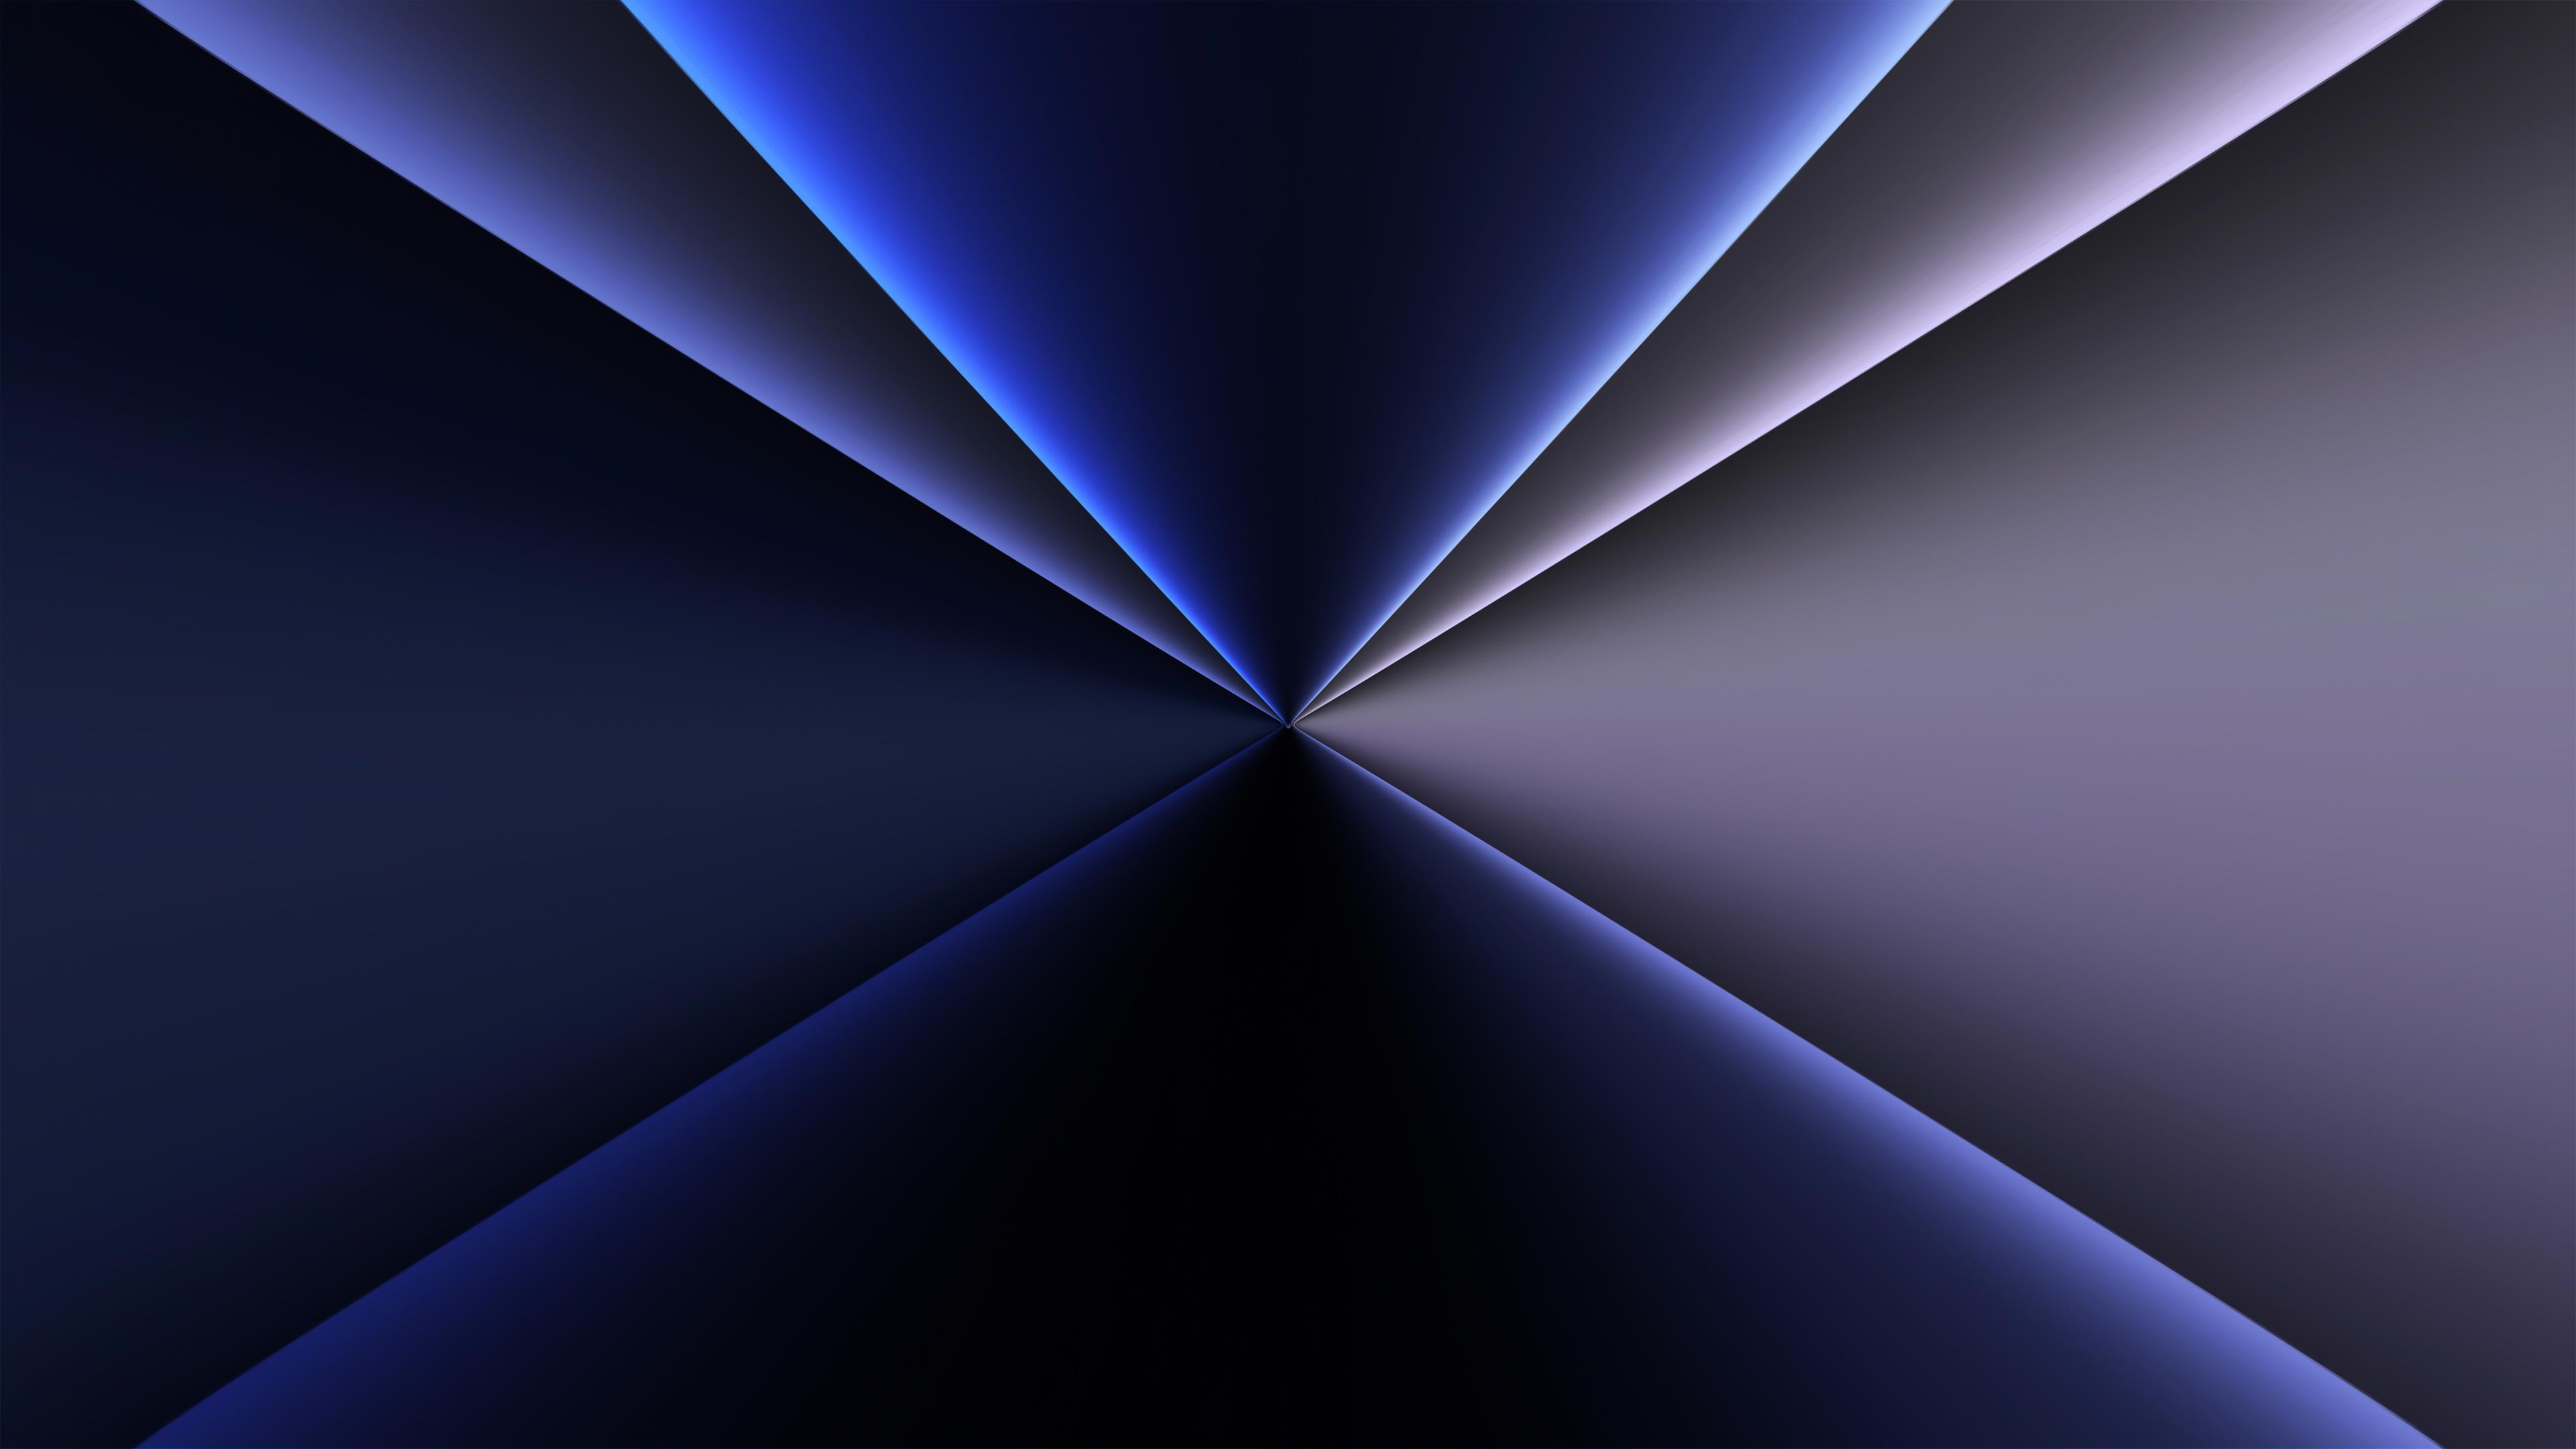 black dark diamond angle 4k 1616870925 - Black Dark Diamond Angle 4k - Black Dark Diamond Angle 4k wallpapers